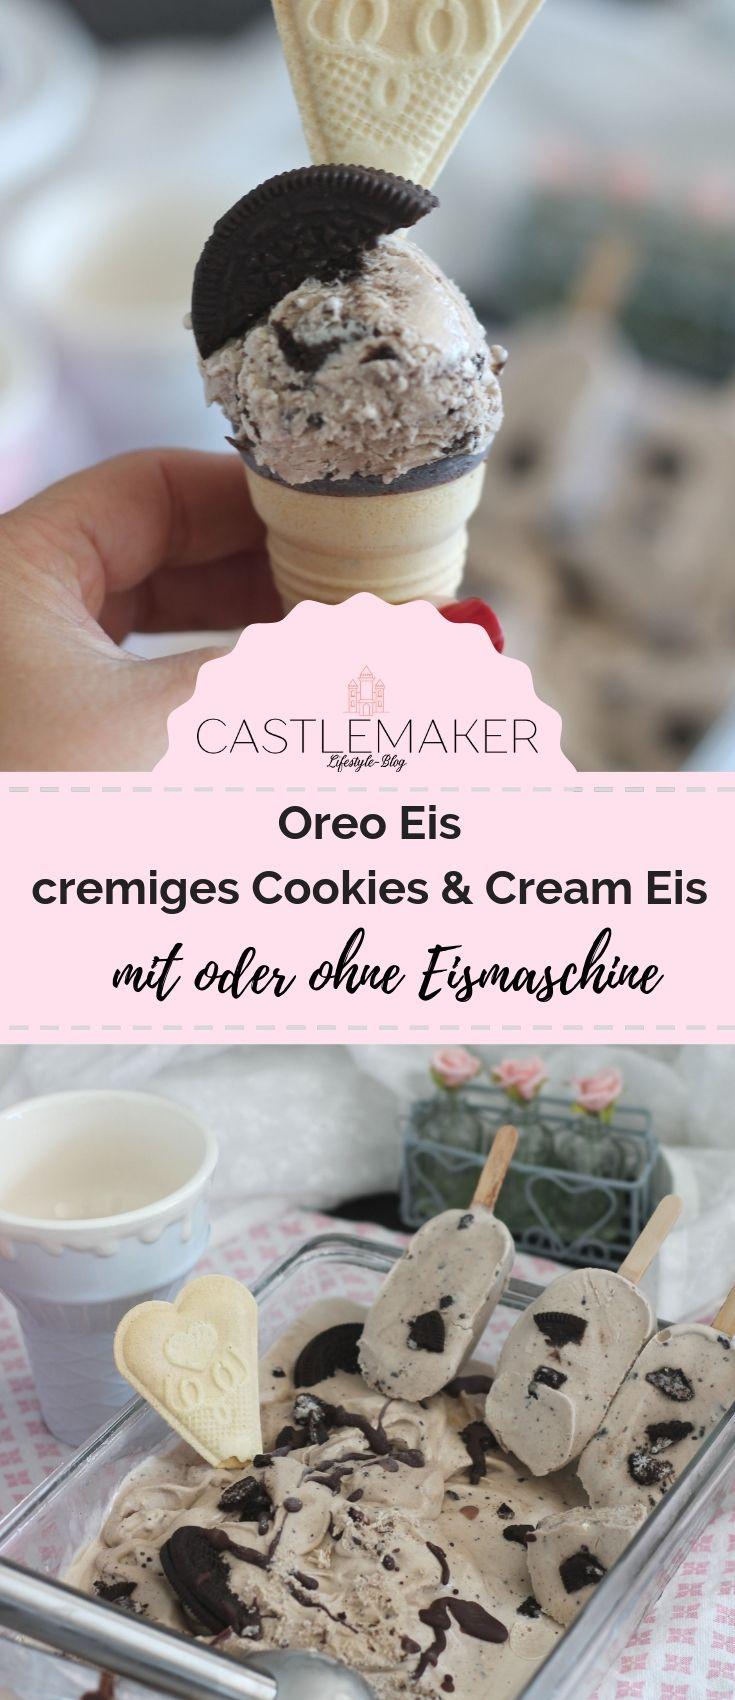 Oreo Eis Rezept für cremiges Cookies & Cream Eis mit oder ohne Eismaschine « CASTLEMAKER Lifestyle Blog